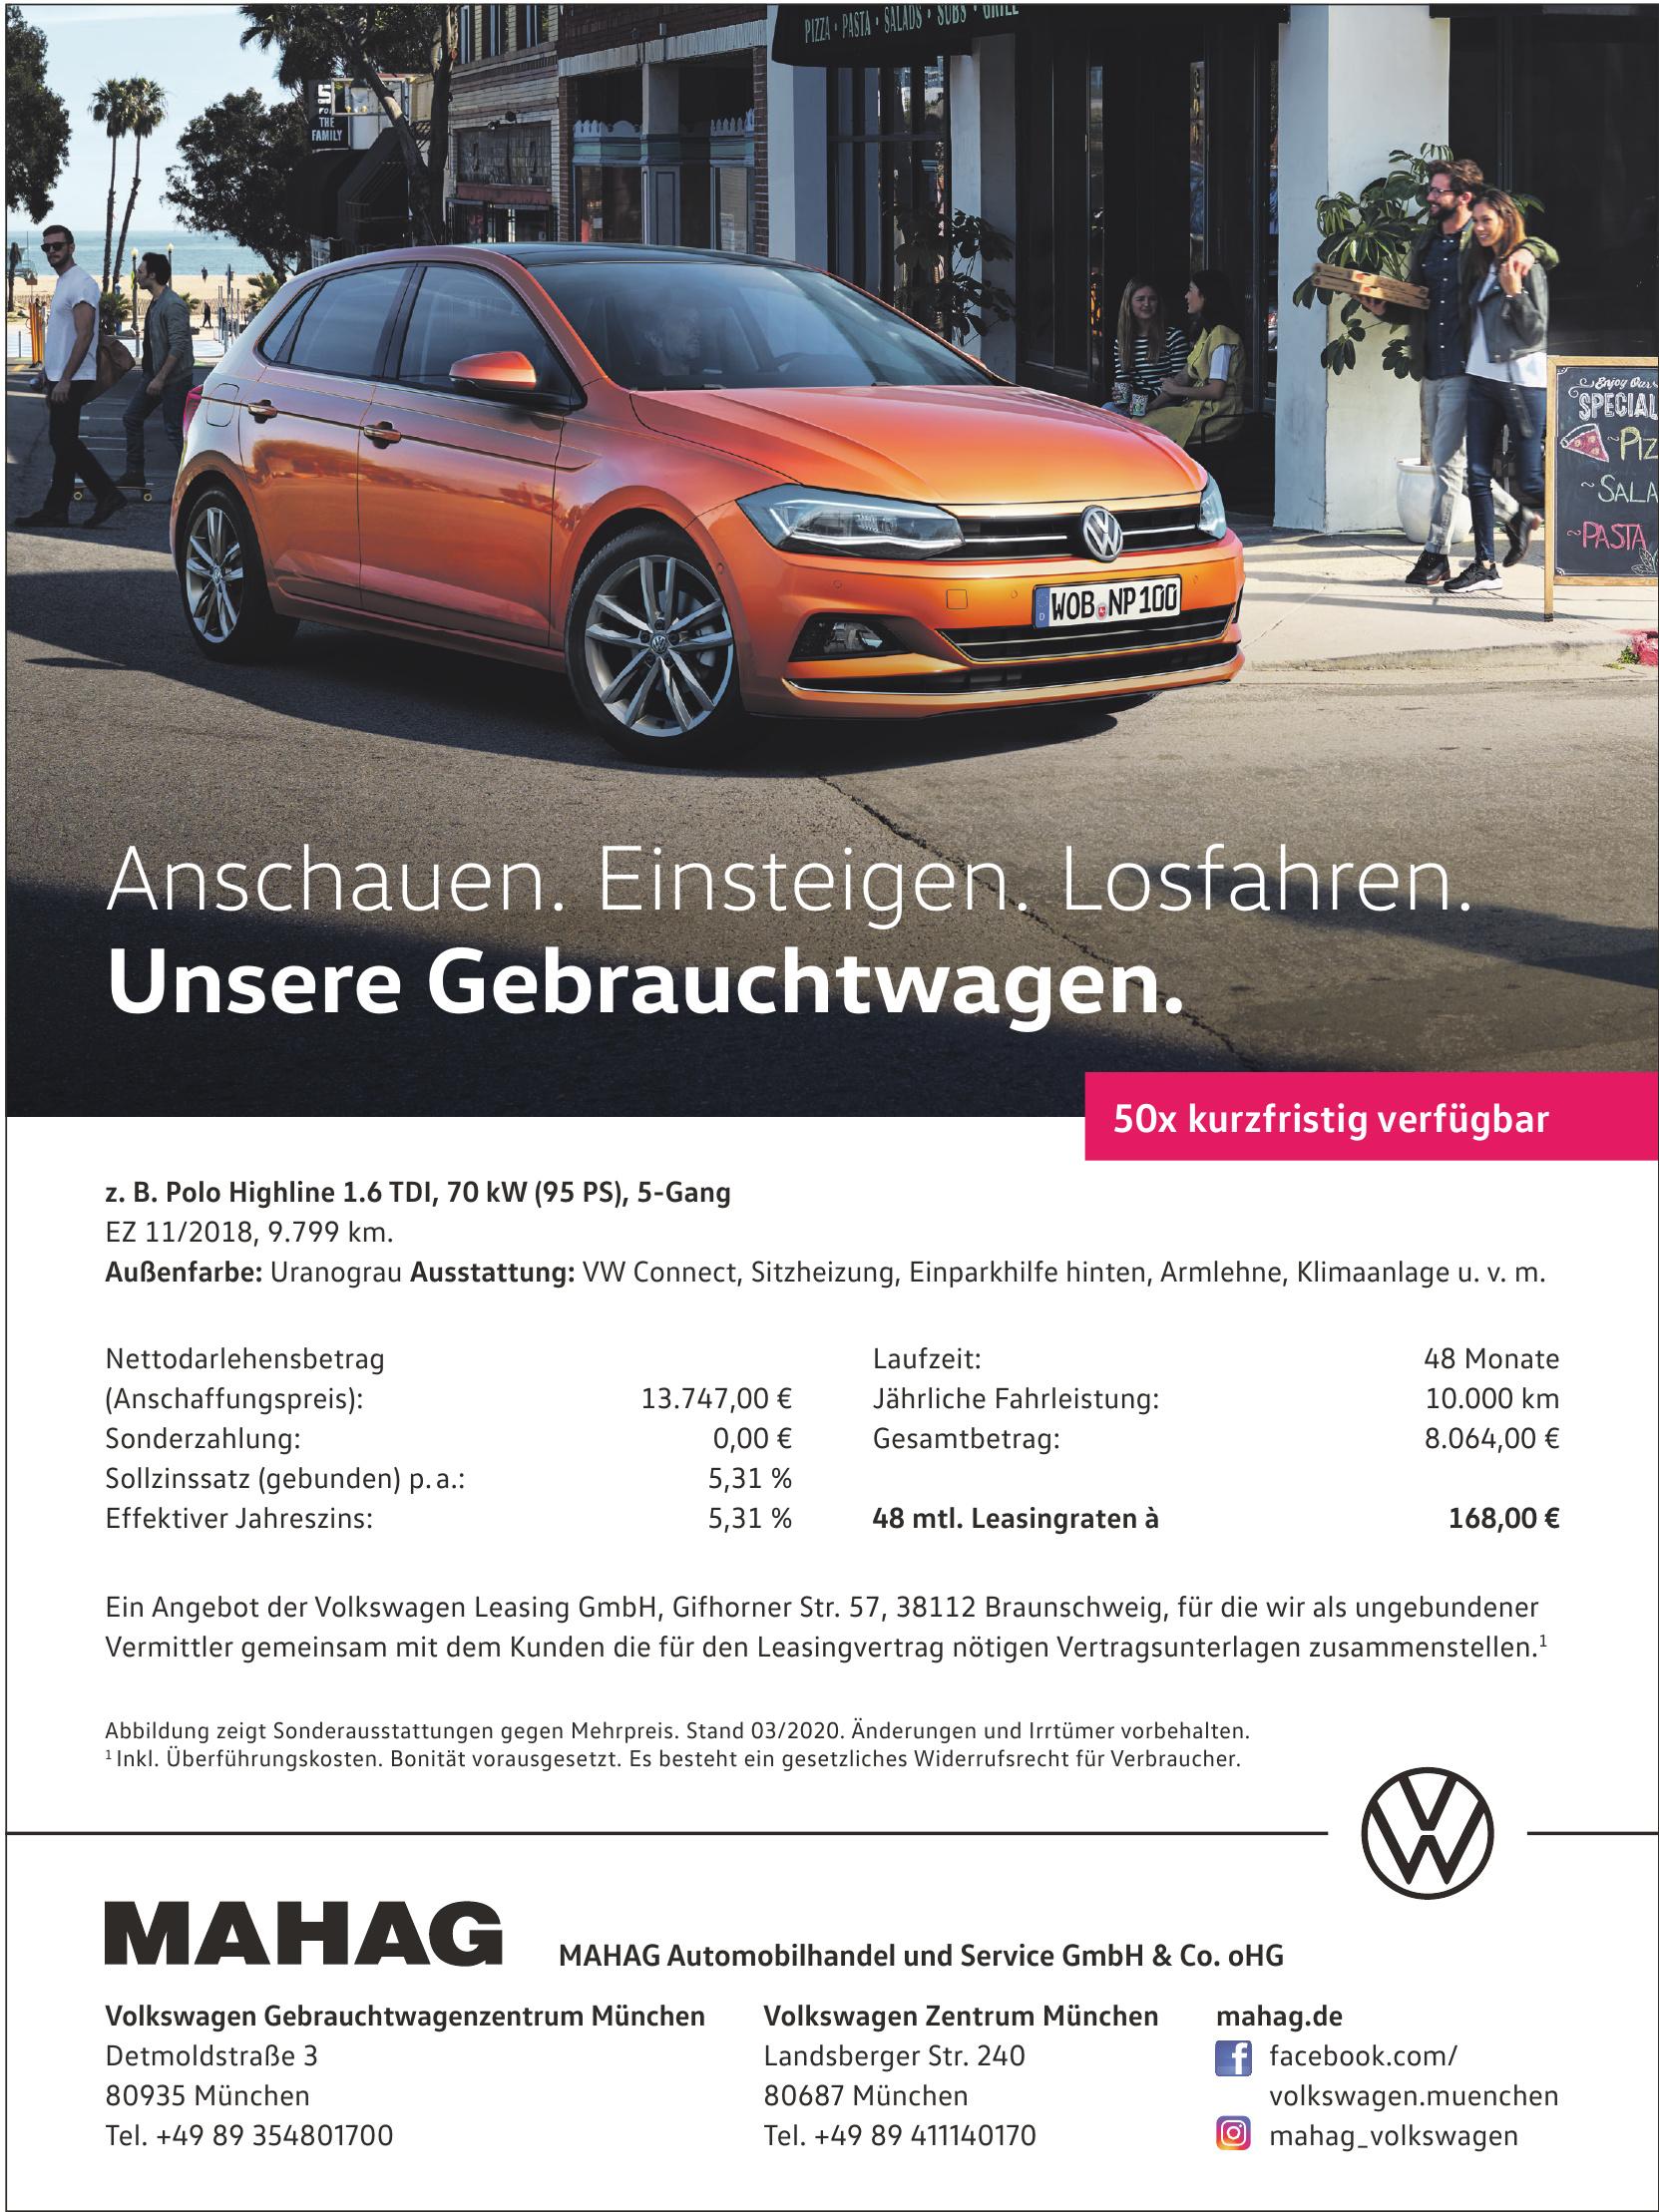 <br><b> MAHAG Automobilhandel und Service GmbH & Co. oHG </b> </p> <br><b> Volkswagen Gebrauchtwagenzentrum München </b> <p></p> Detmoldstraße 3 <p></p> 80935 München <p></p> Tel. +49 89 354801700 </p> <hr> <br><b> Volkswagen Zentrum München </b> <p></p> Landsberger Str. 240 <p></p> 80687 München <p></p> Tel. +49 89 411140170 </p>